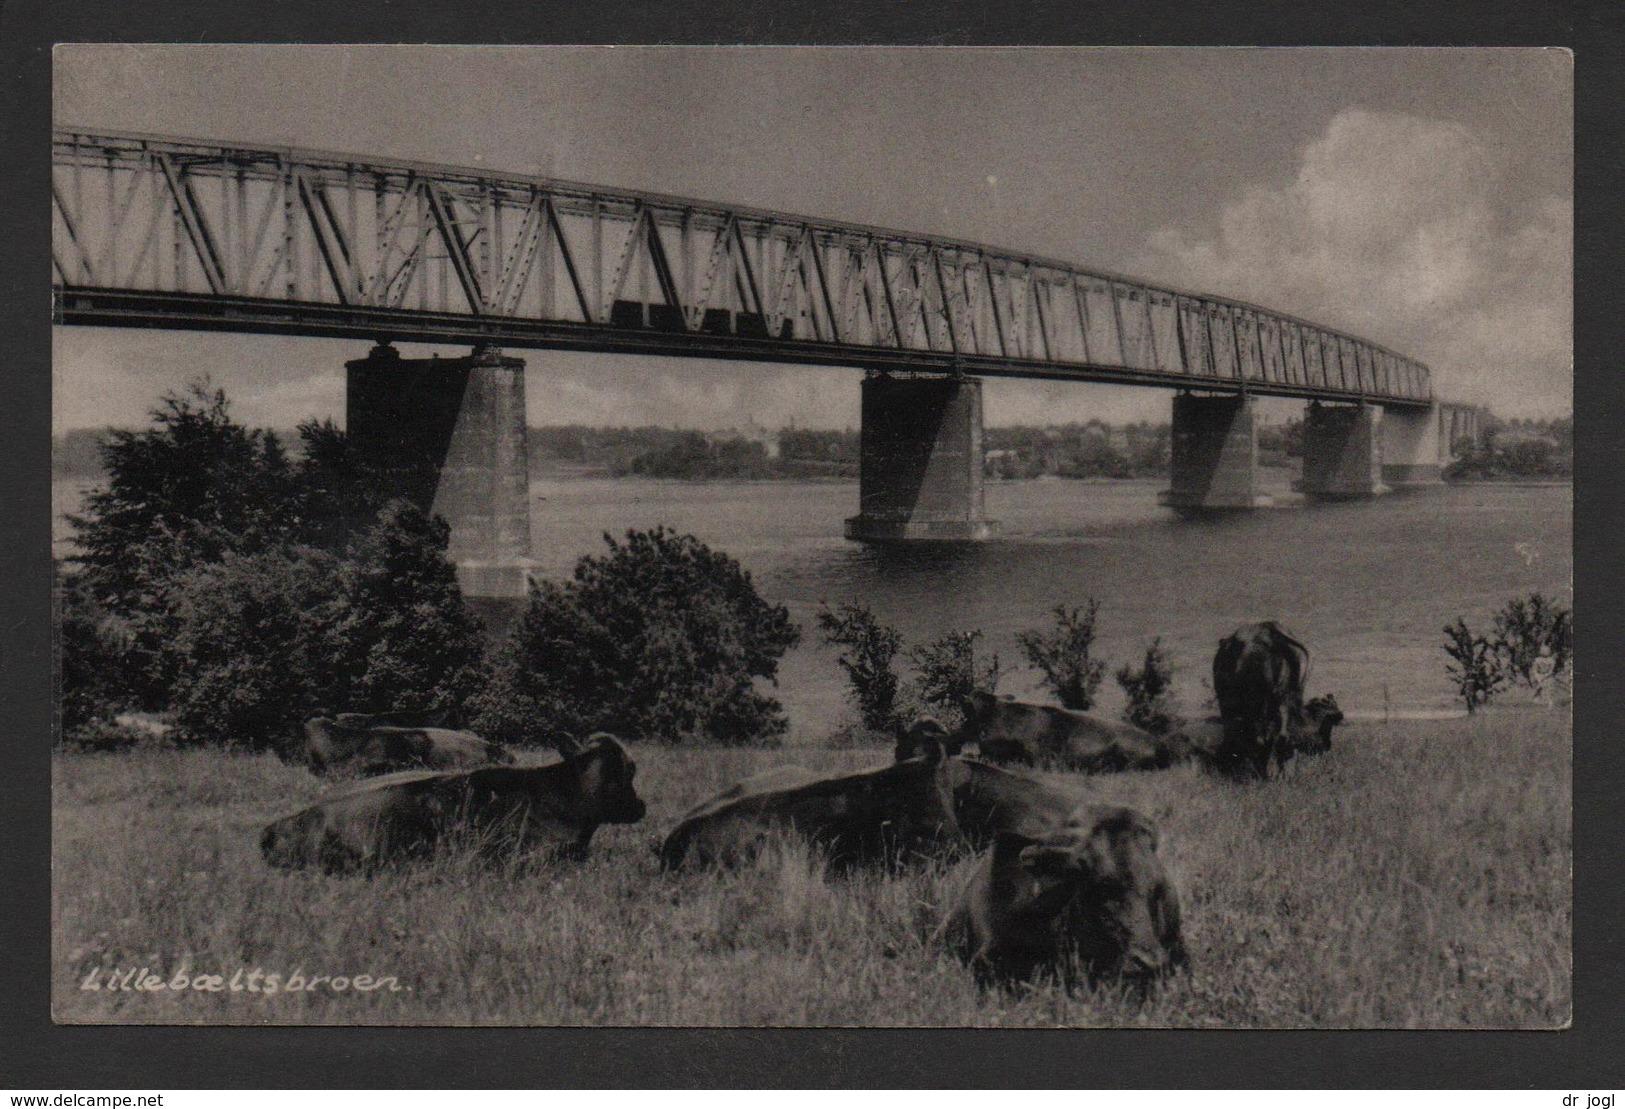 DK45) Denmark - Lillebæltsbroen - Bridge & Cows - Danemark